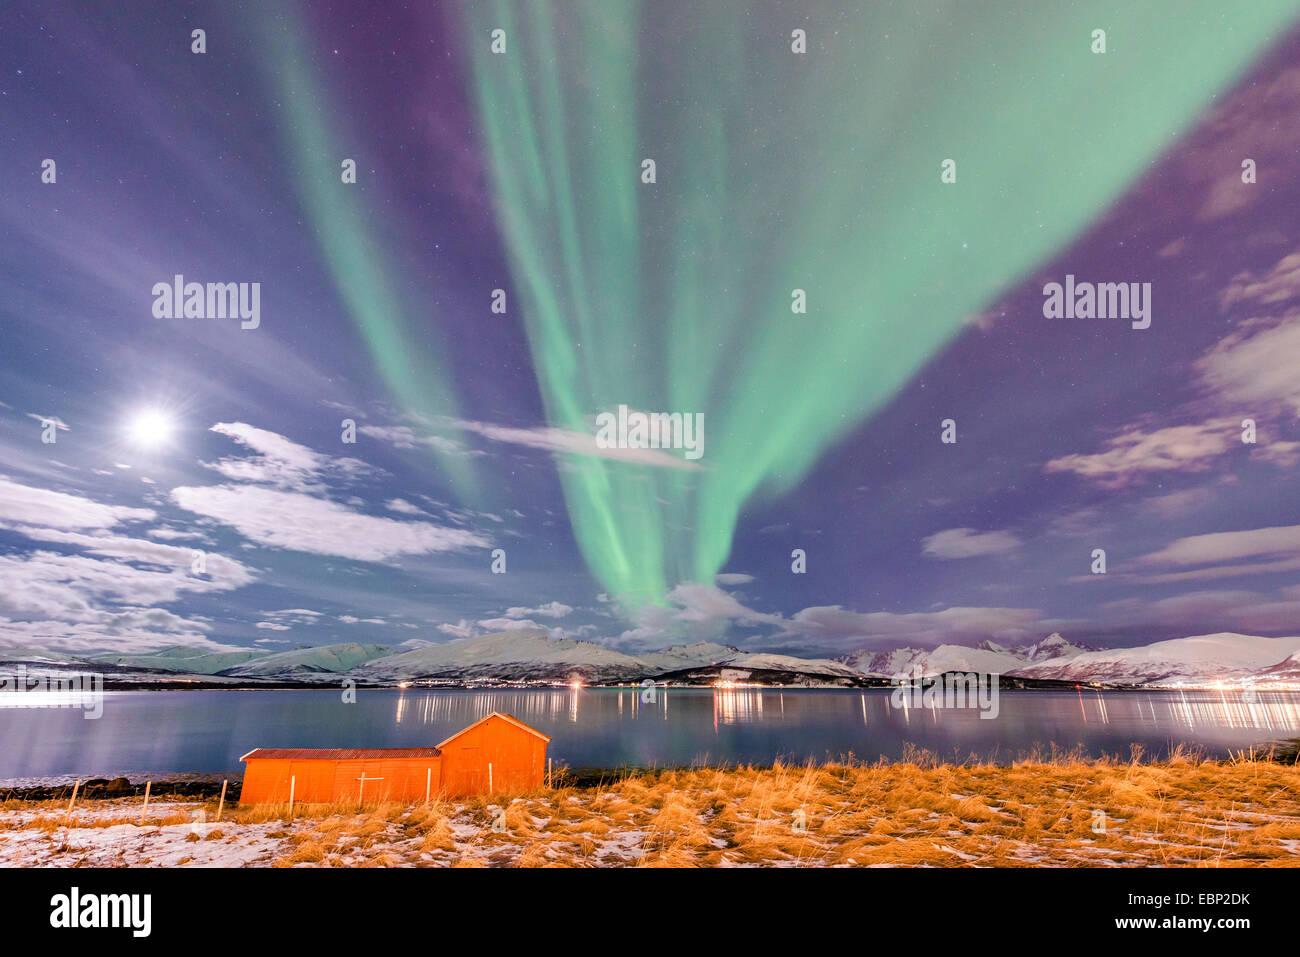 moon and aurora above Sandnessund, Norway, Troms, Tromsoe, Sandnessund - Stock Image